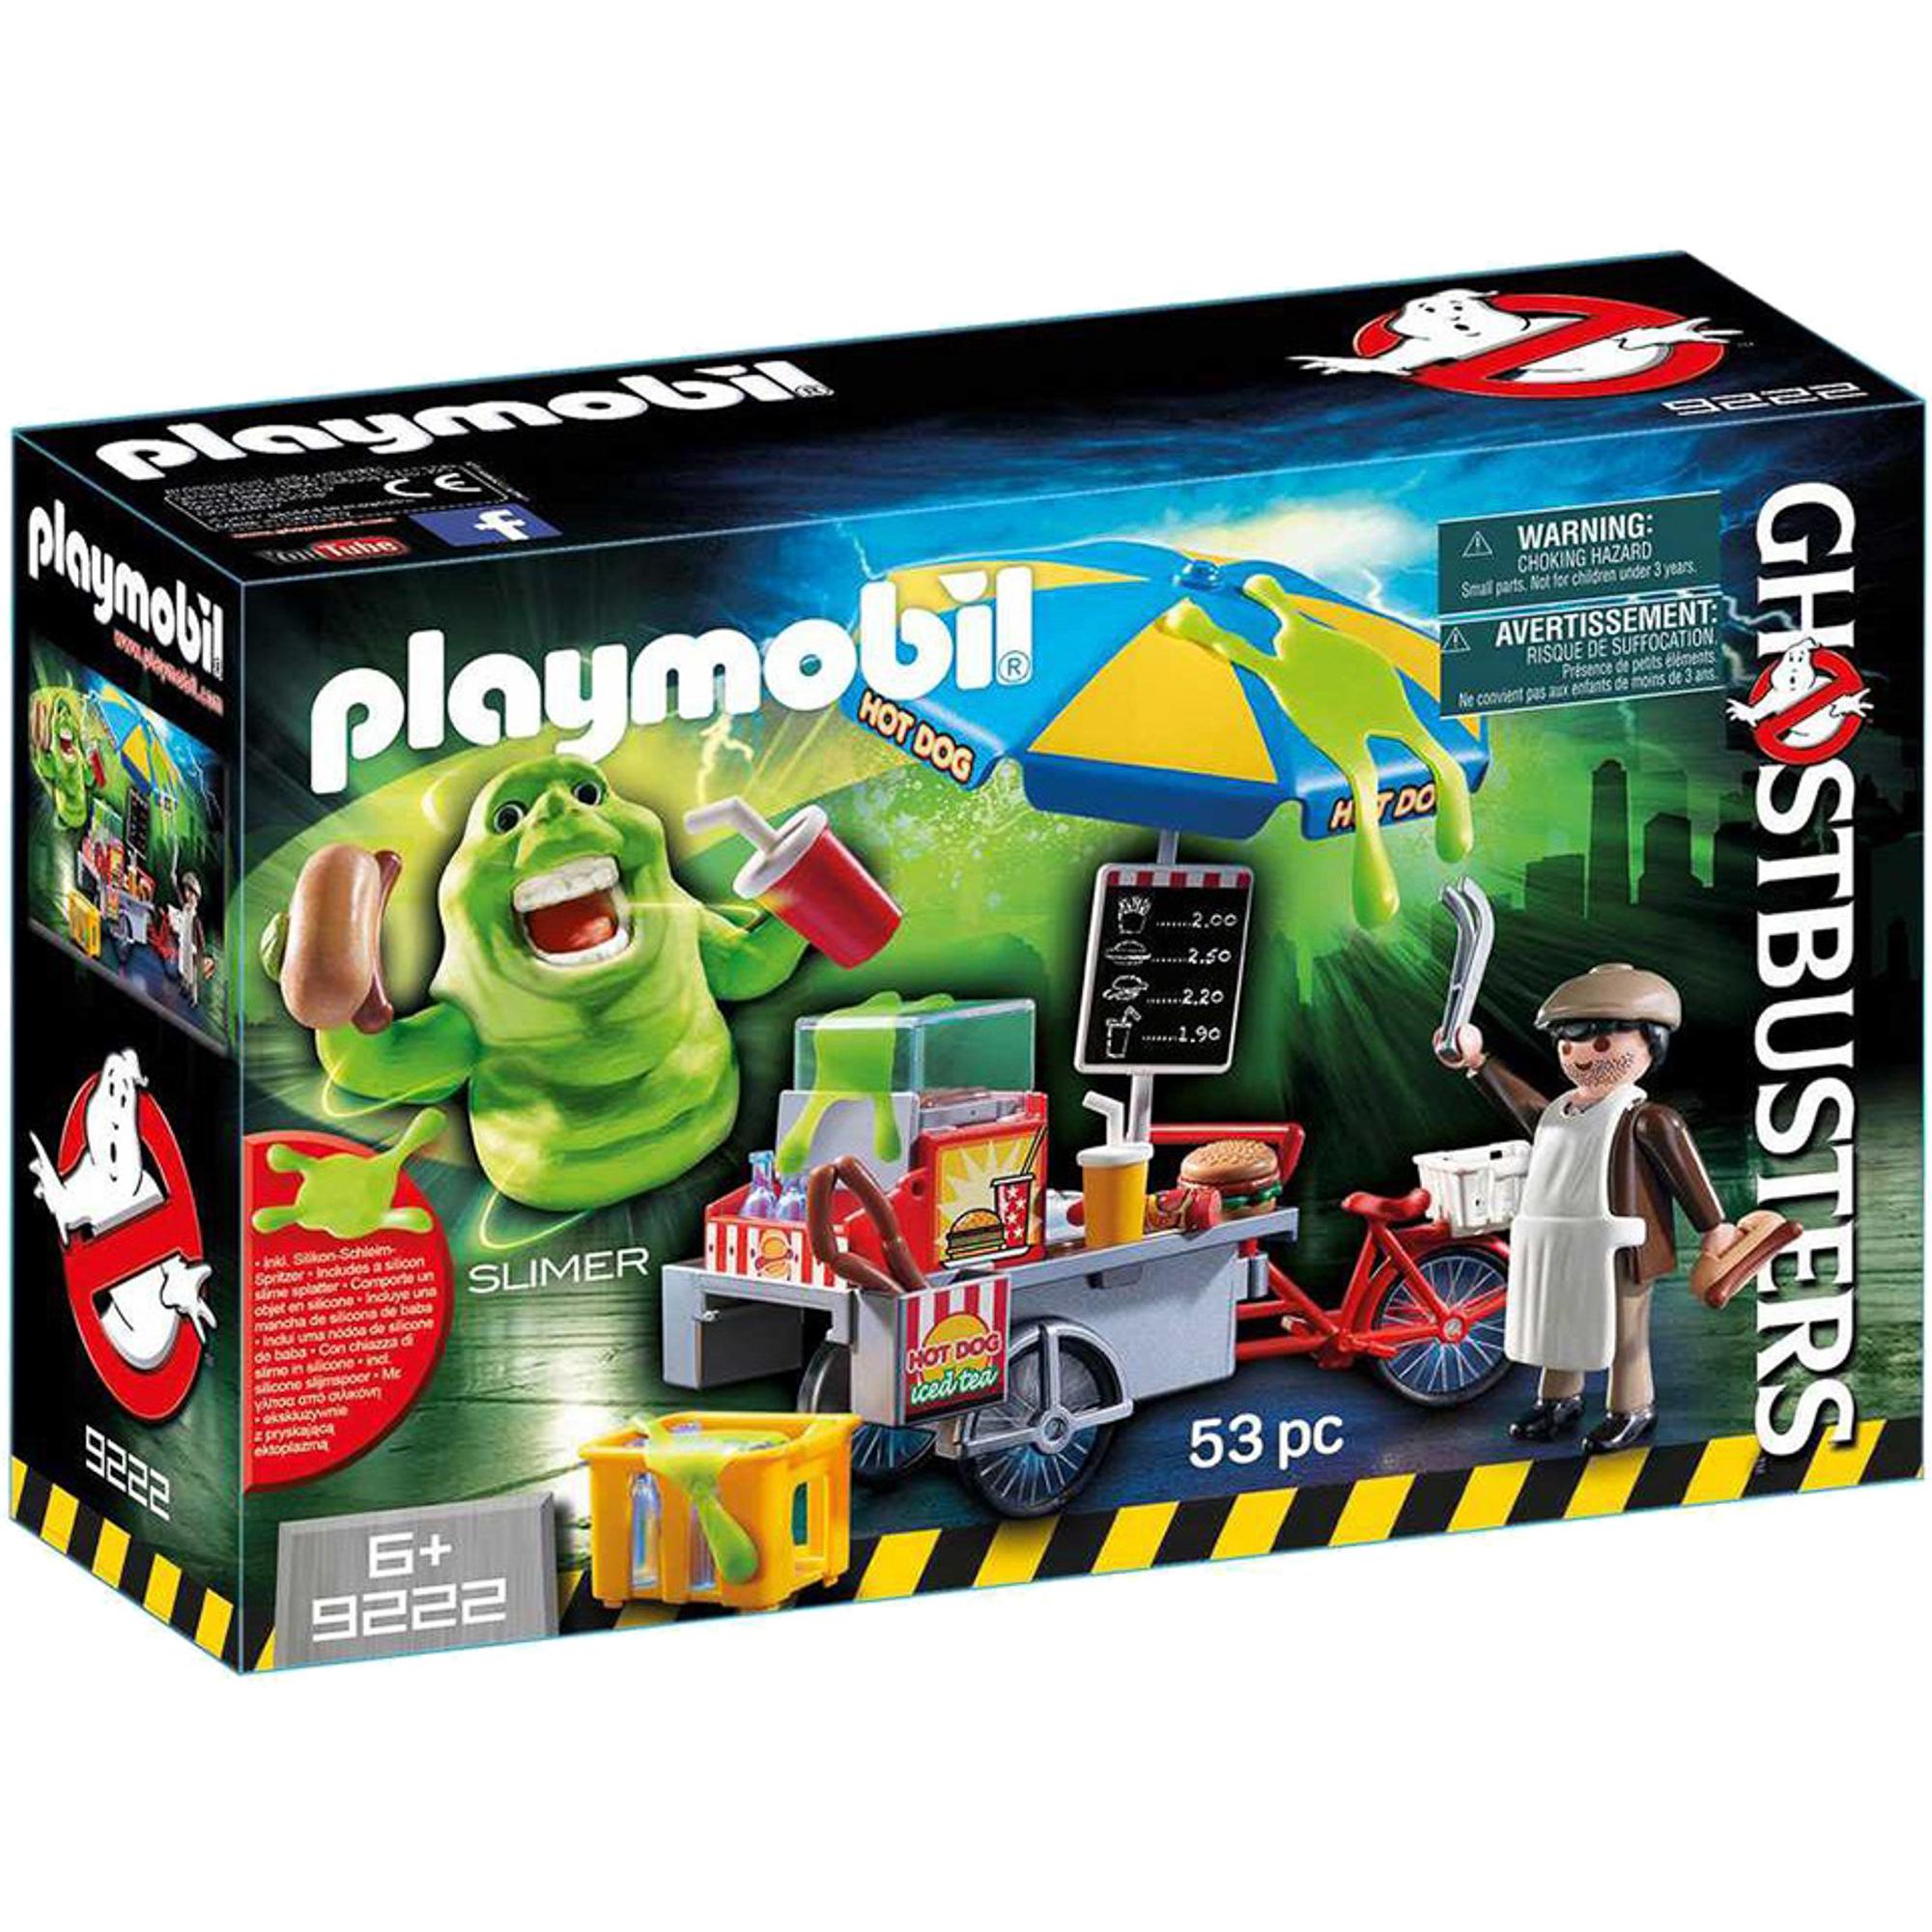 Фото - Игровой набор Playmobil Охотники за привидениями Лизун и торговая тележка с хот-догами playmobil® конструктор playmobil охотник за привидениями